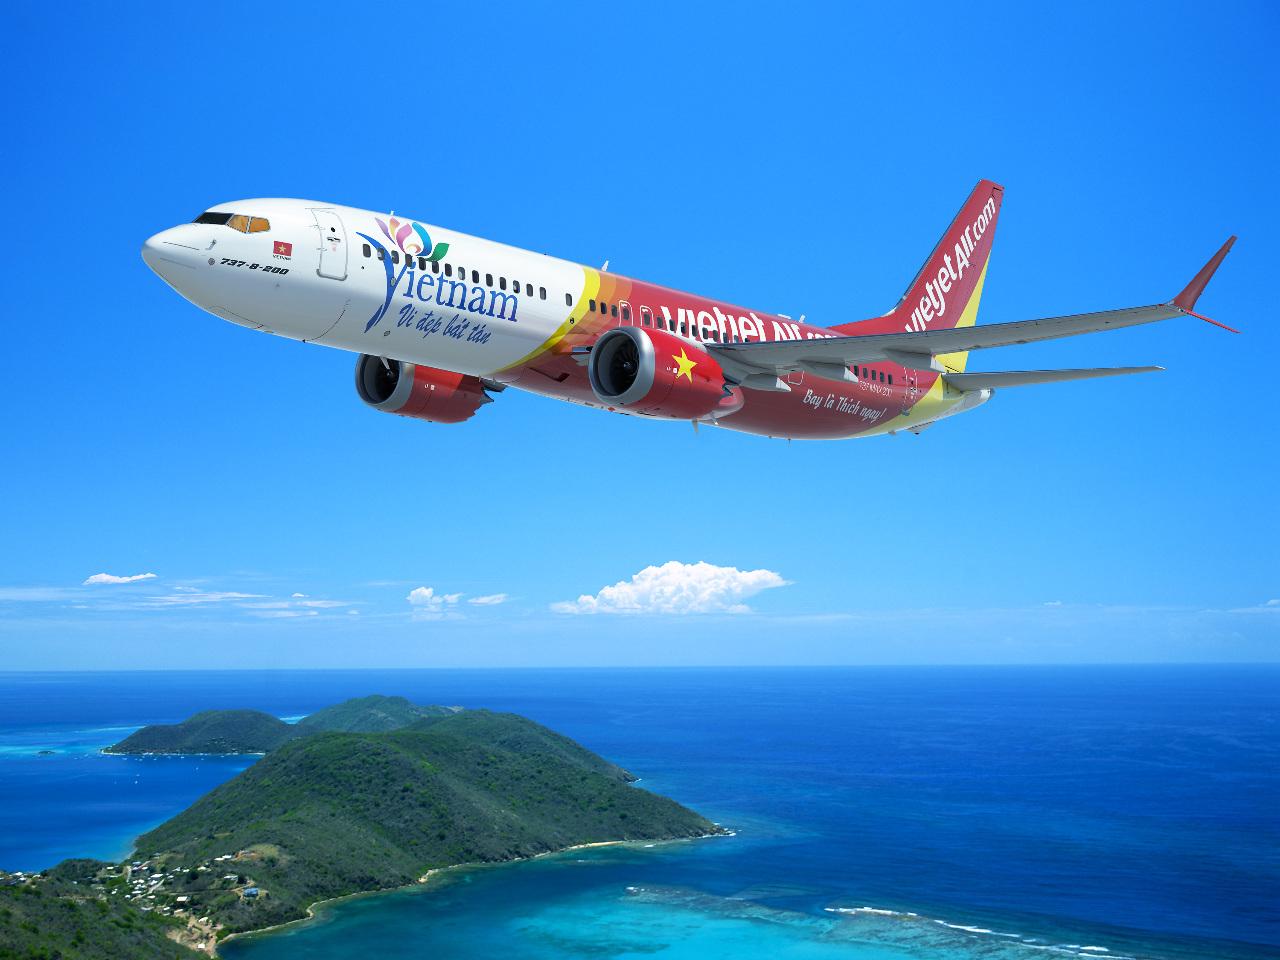 VietJet signe pour 100 Boeing 737 MAX 200